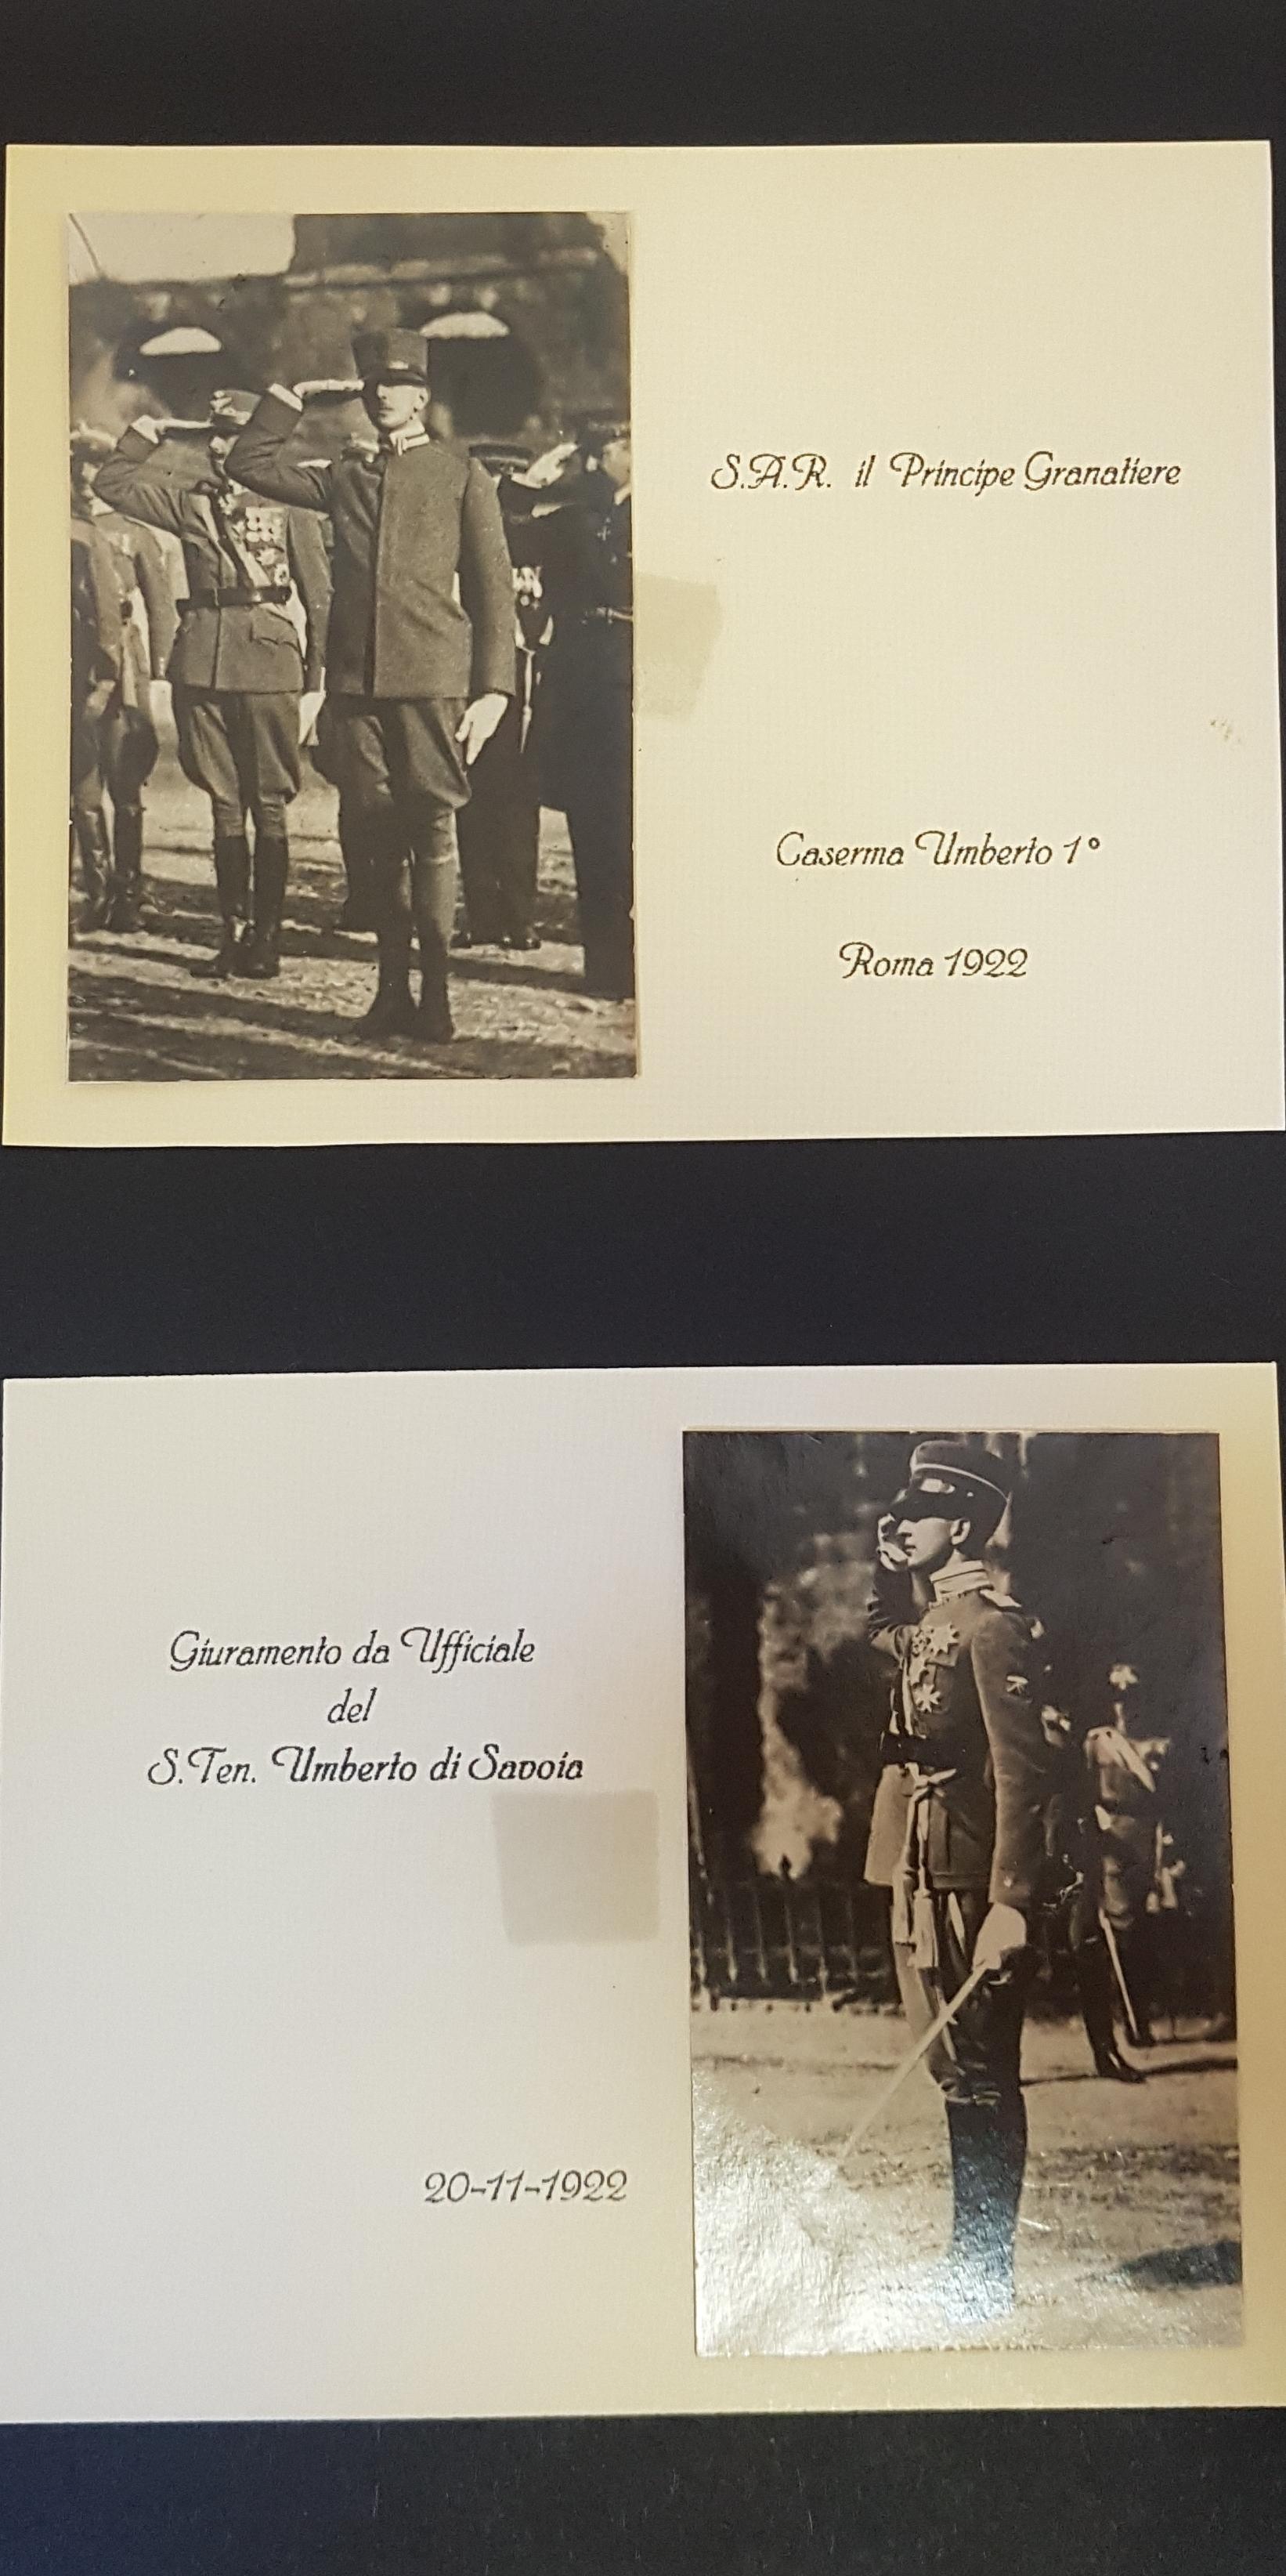 1922 - Giuramento da Ufficiale di S.A.R. il Principe Umberto